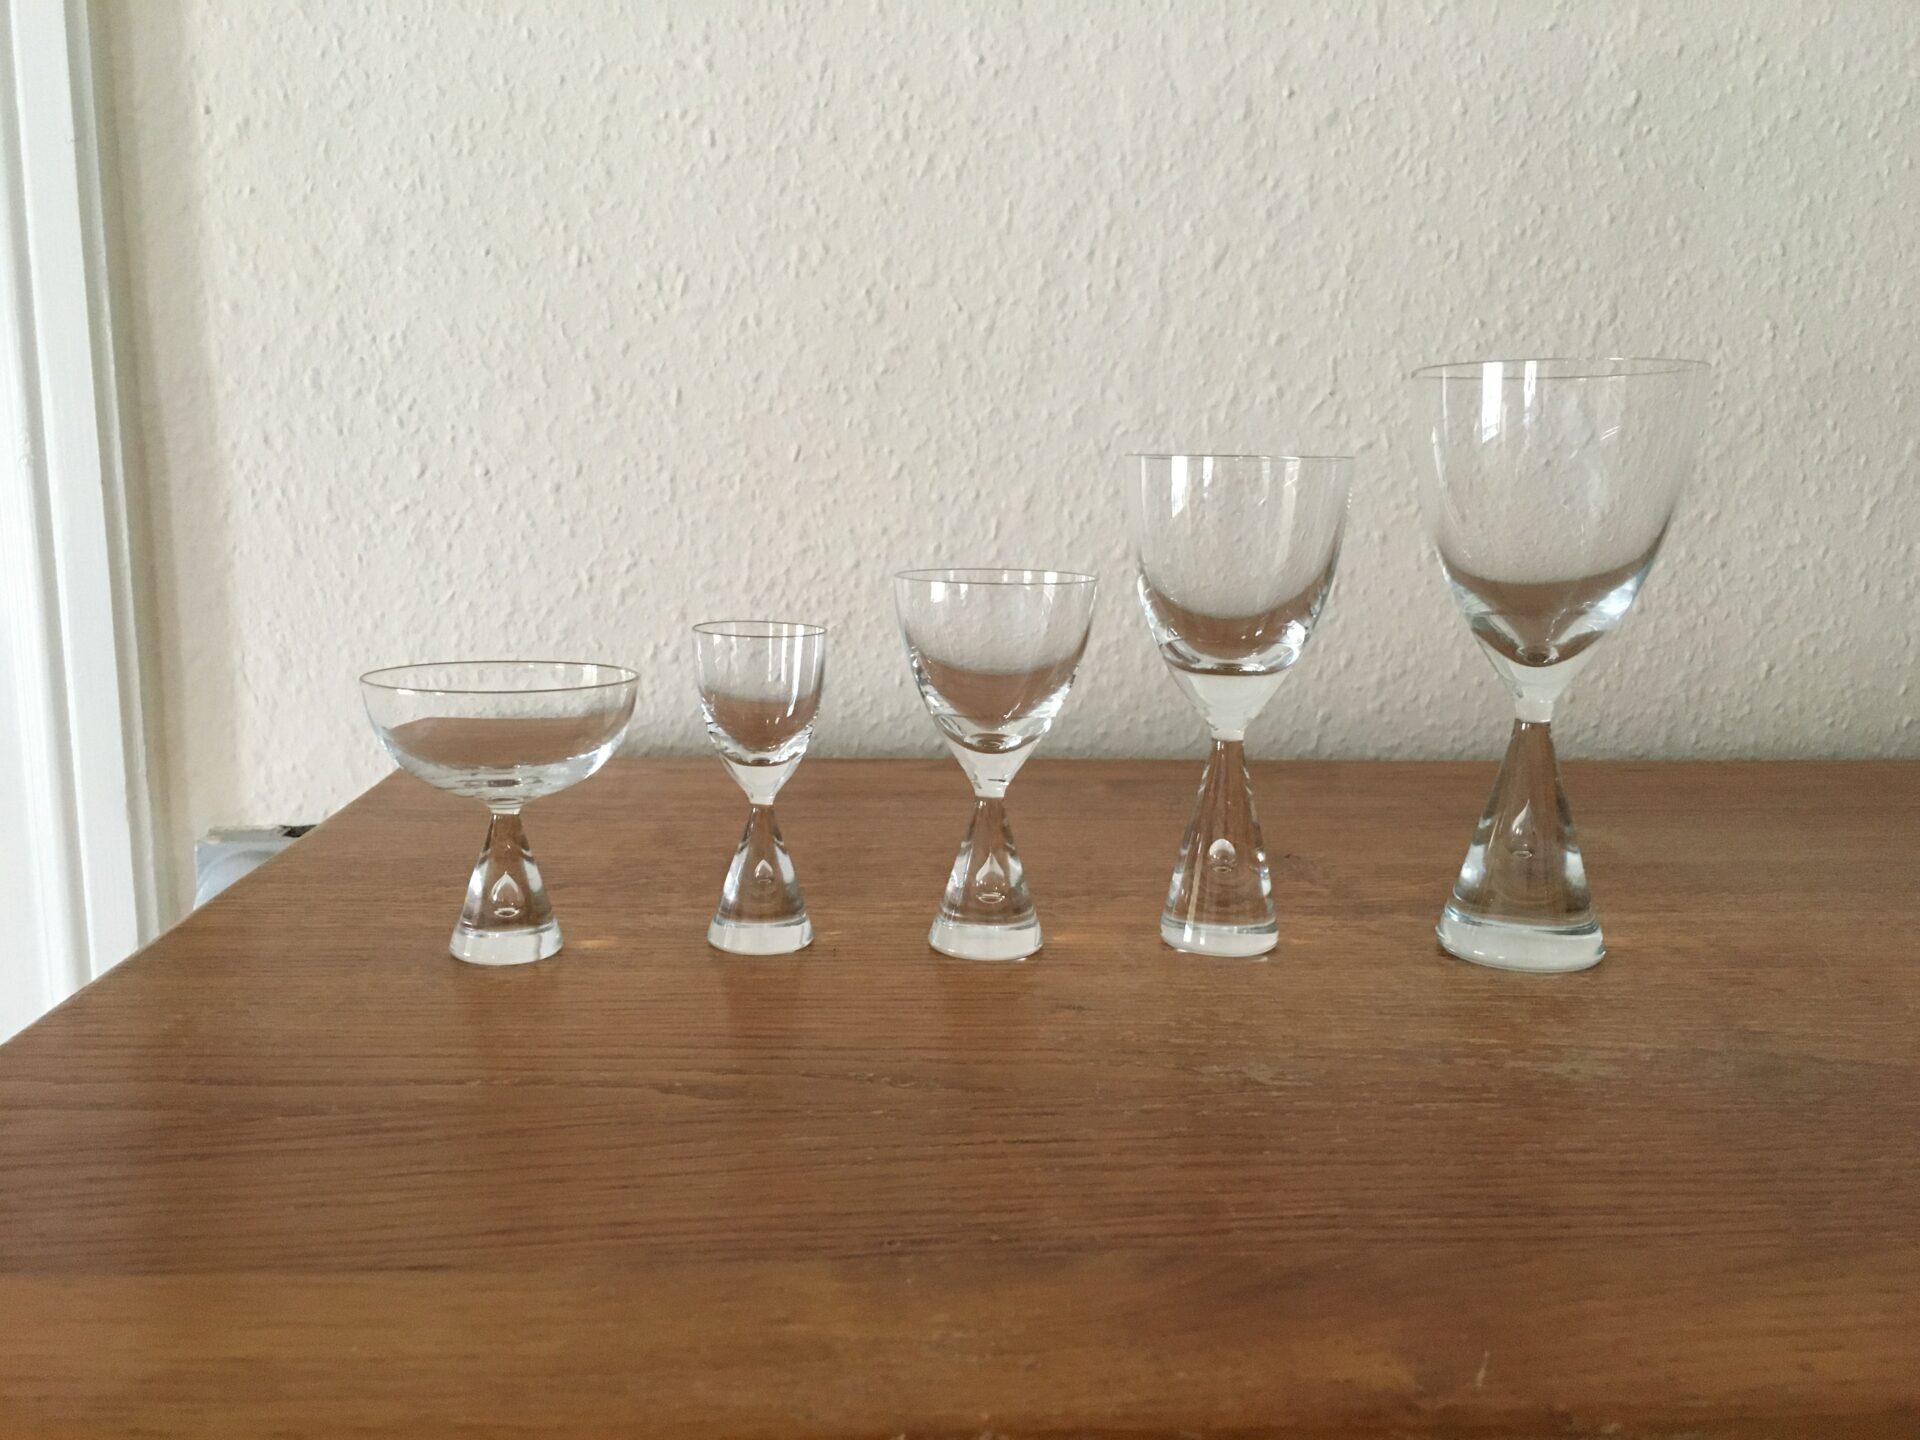 Holmegaard, Princess, rødvin 75 kr, pr stk, hvidvin 50 kr pr stk, snaps, likør og portvin pr stk 30